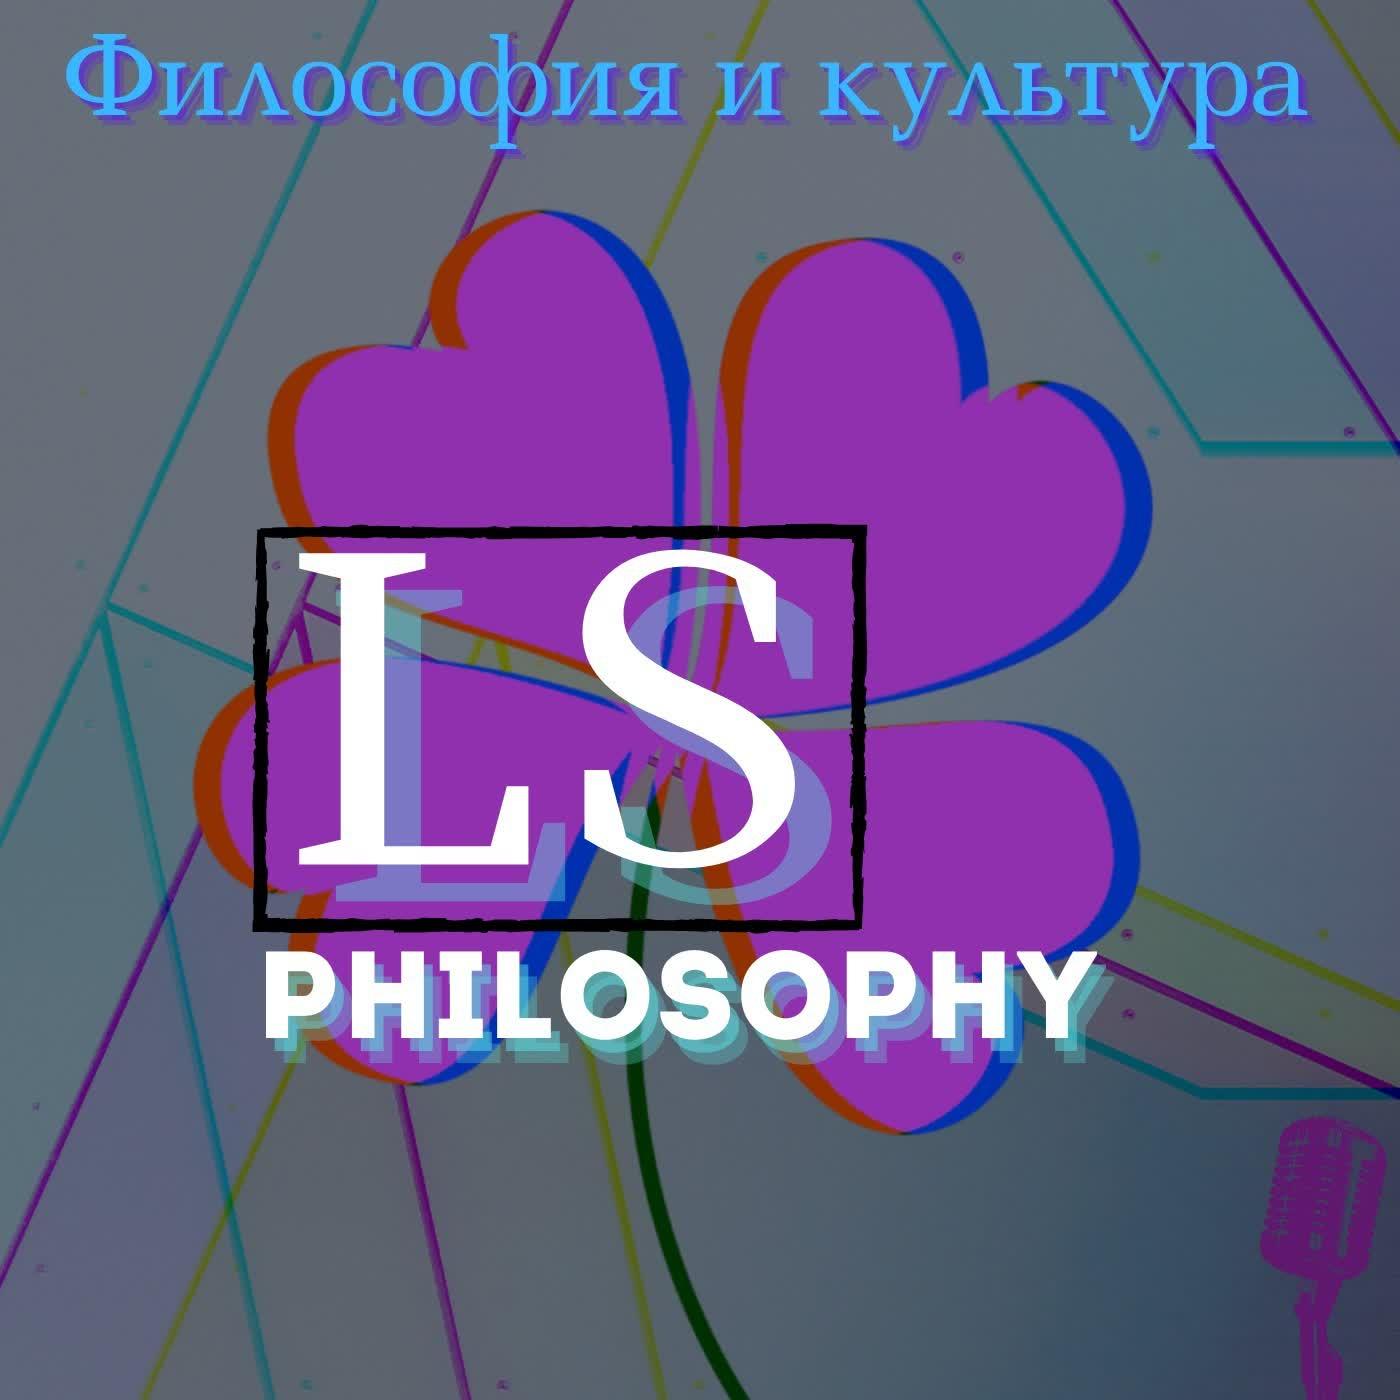 LS Philosophy | Философия и культура